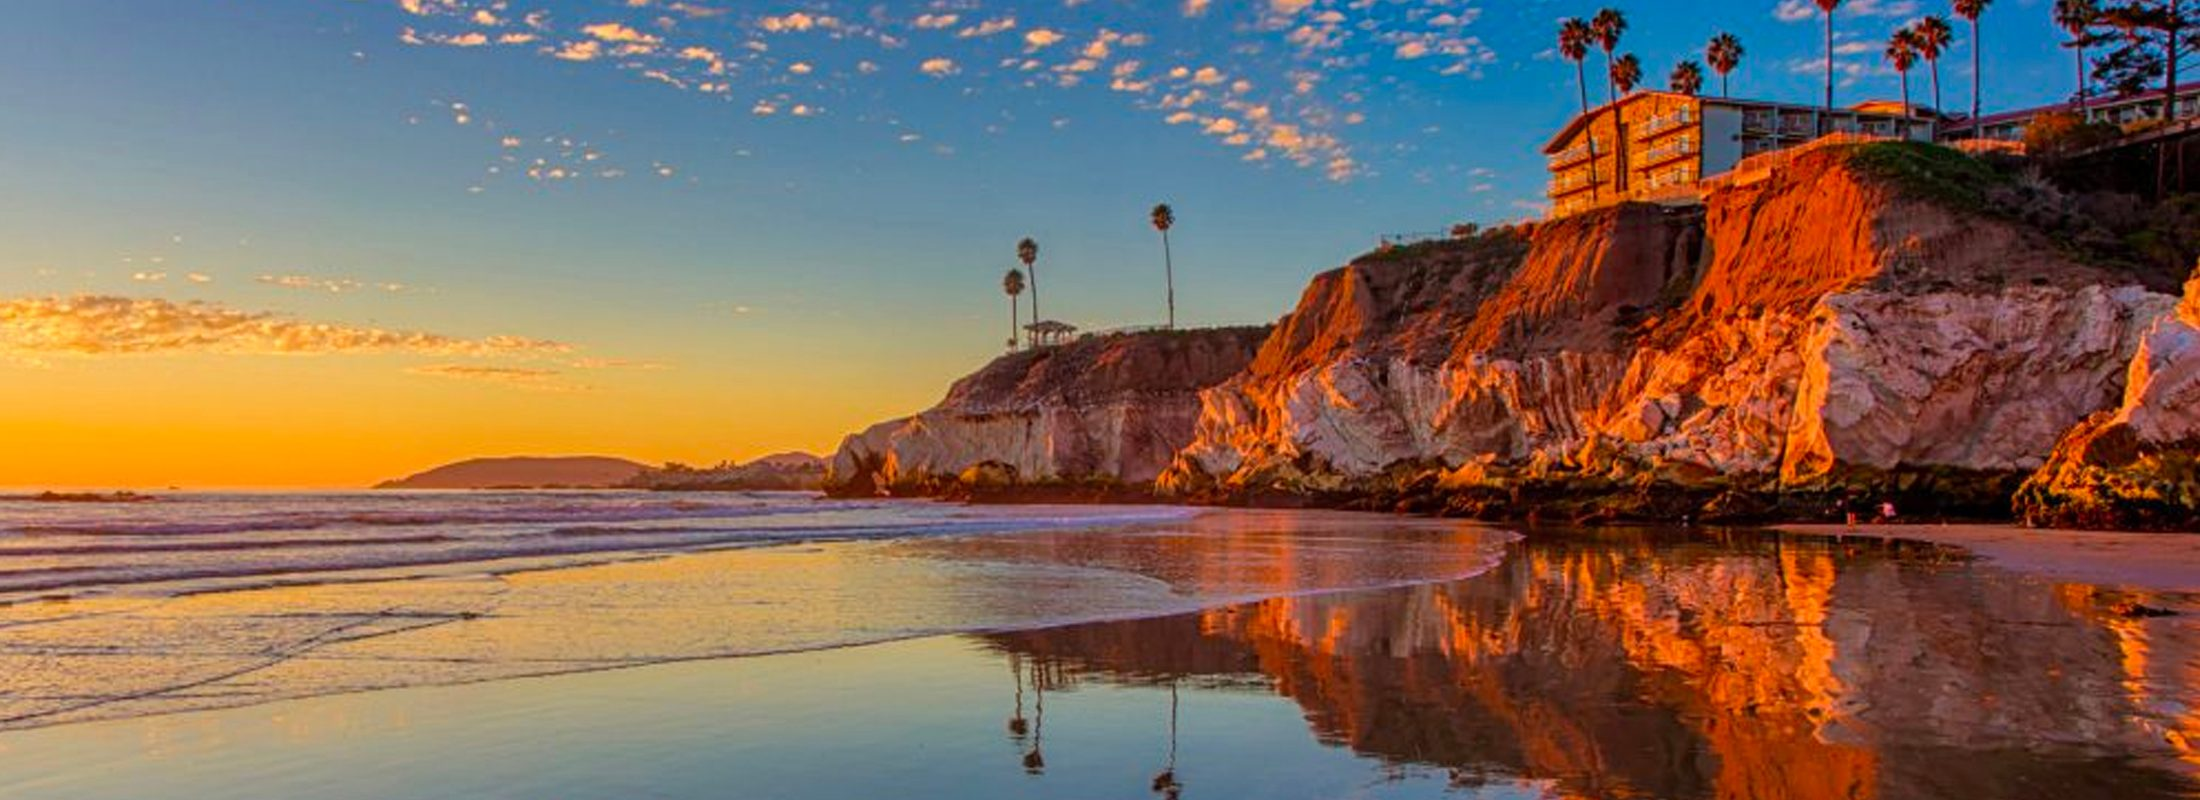 California Zephyr Fares